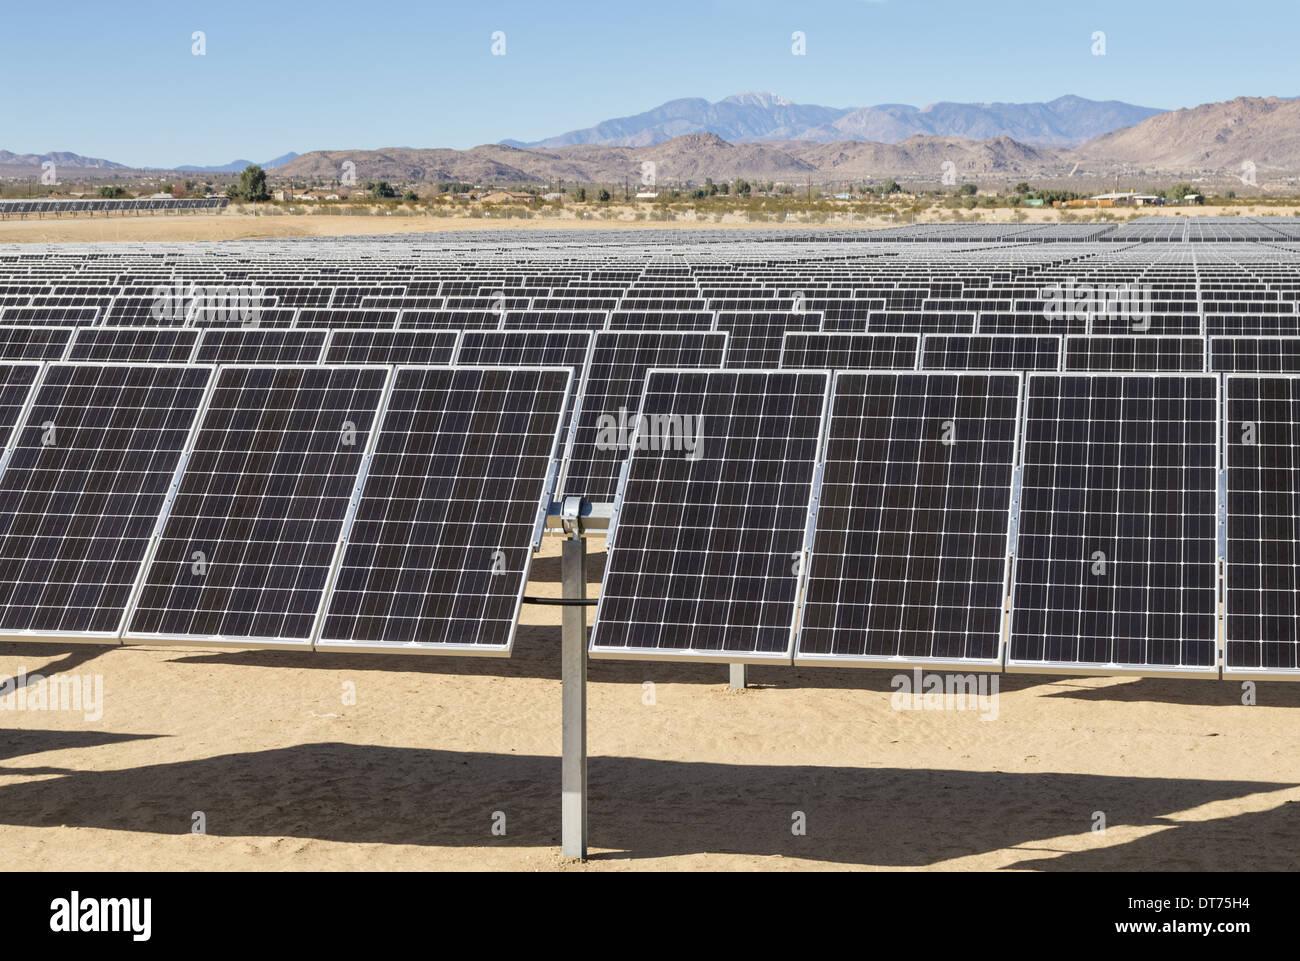 Planta eléctrica de energía solar fotovoltaica en el desierto de Mojave de California Imagen De Stock